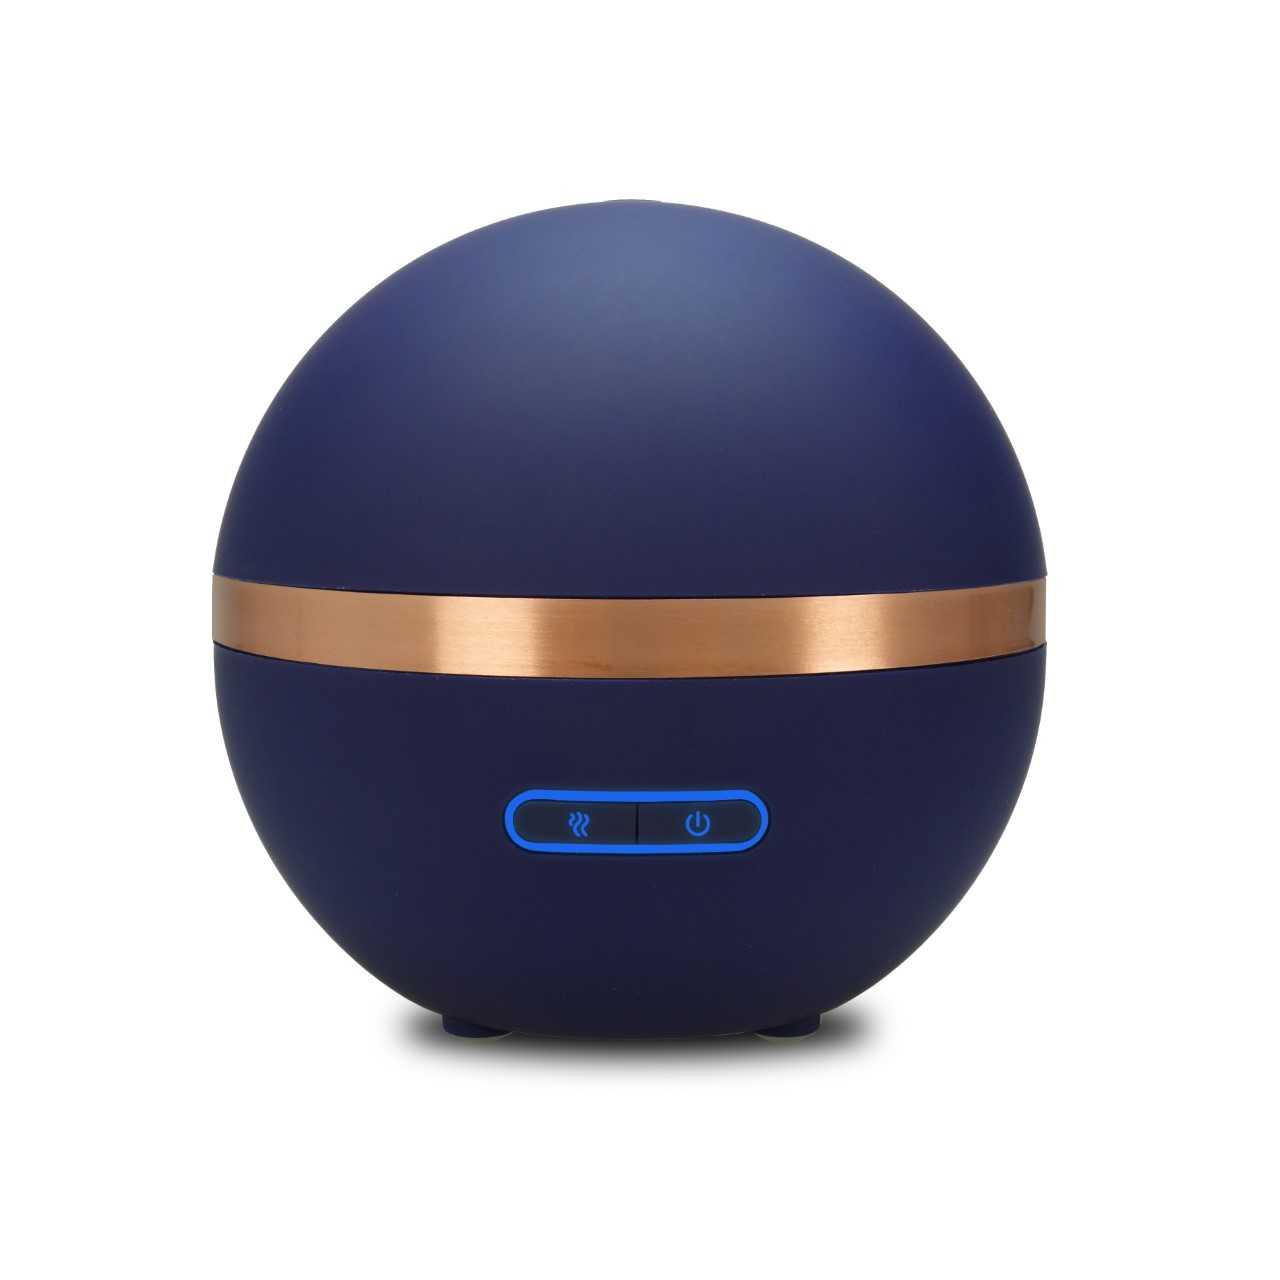 Achat en ligne Diffuseur d'huiles essentielles ultrasonique bleu nuit